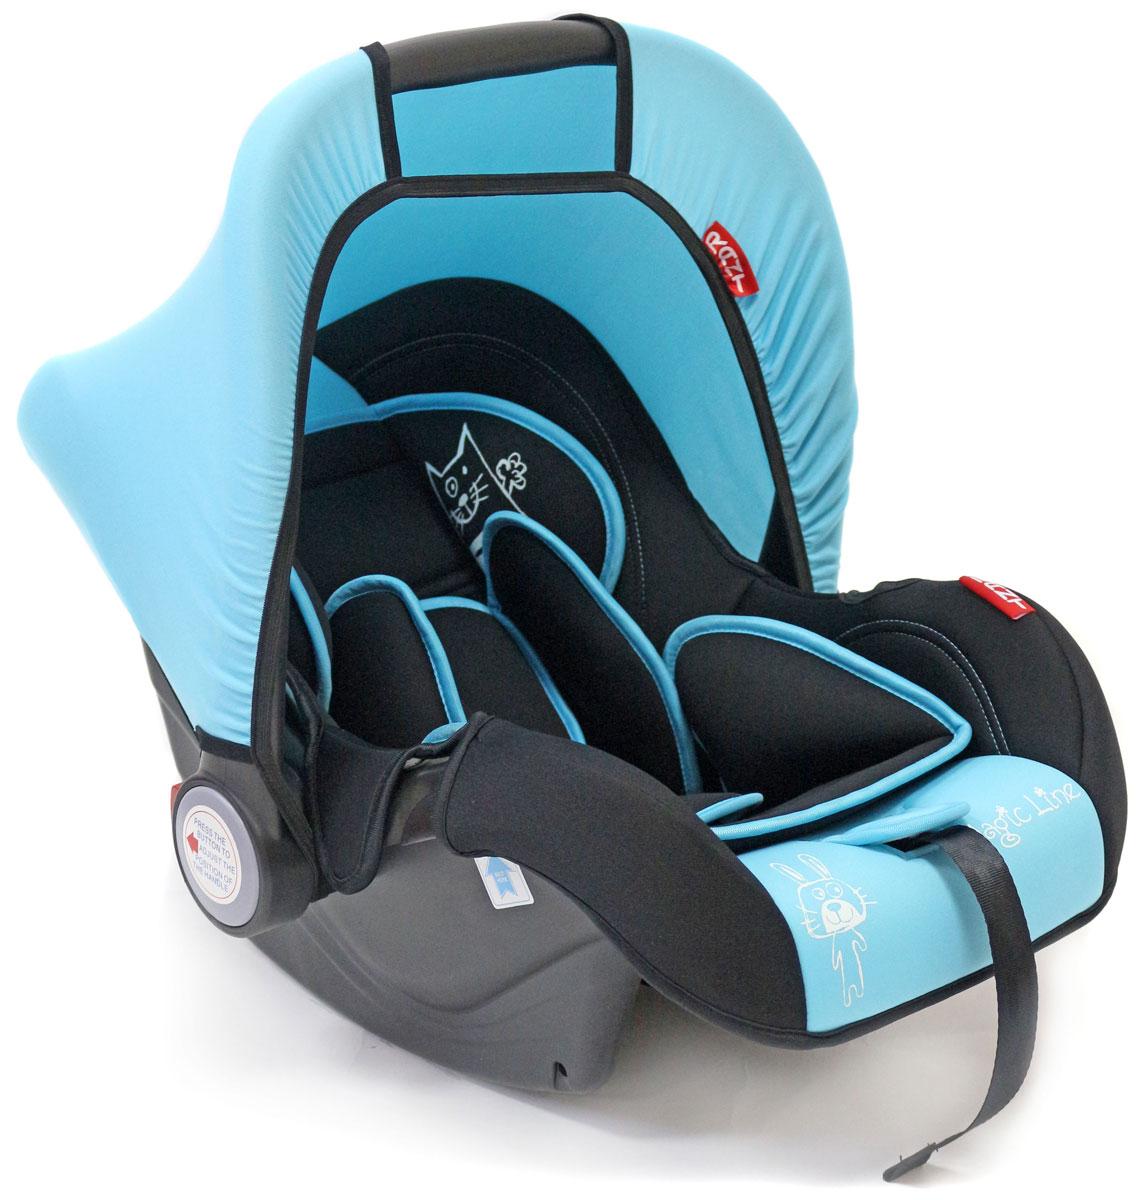 Rant Автокресло Miracle цвет голубой до 13 кг4630008876664Детское автокресло-переноска Rant Miracle разработано для малышей весом до 13 кг (приблизительно до 12 месяцев). Особенности: Сиденье удобной формы с мягким вкладышем обеспечивает защиту и идеальное положение шеи и спины малыша, а также делает кресло комфортным и безопасным. Автокресло (переноска) Miracle имеет внутренние 3-х точечные ремни безопасности с плечевыми накладками (уменьшают нагрузку на плечи малыша). Накладки обеспечивают плотное прилегание и надежно удержат малыша в кресле в случае ударов. Ремни удобно регулировать под рост и комплекцию ребенка без особых усилий. Удобная ручка для переноски малыша регулируется в 4-х положениях: для устойчивости автокресла в автомобиле, для переноски малыша, вне автомобиля автокресло можно использовать как кресло-качалку или кресло-шезлонг. Съемный тент защитит от яркого солнца или ветра, когда вы гуляете с малышом на свежем воздухе. Съемный чехол автокресла Miracle изготовлен из гипоаллергенной эластичной ткани, легко чистится и стирается вручную или в деликатном режиме в стиральной машине при температуре 30°. Установка и крепление: Автокресло (переноска) Miracle устанавливается лицом против движения автомобиля и крепится штатными автомобильными ремнями. Ребенок фиксируется внутренними ремнями безопасности. Такое положение обеспечивает максимальную безопасность маленькому пассажиру. Рекомендуется устанавливать автокресло на заднем сиденье автомобиля. Производитель допускает перевозку на переднем сиденье, в этом случае необходимо отключить фронтальные подушки безопасности. Автокресло (переноска) Miracle сертифицировано и соответствует европейскому стандарту безопасности ECE R44-04.